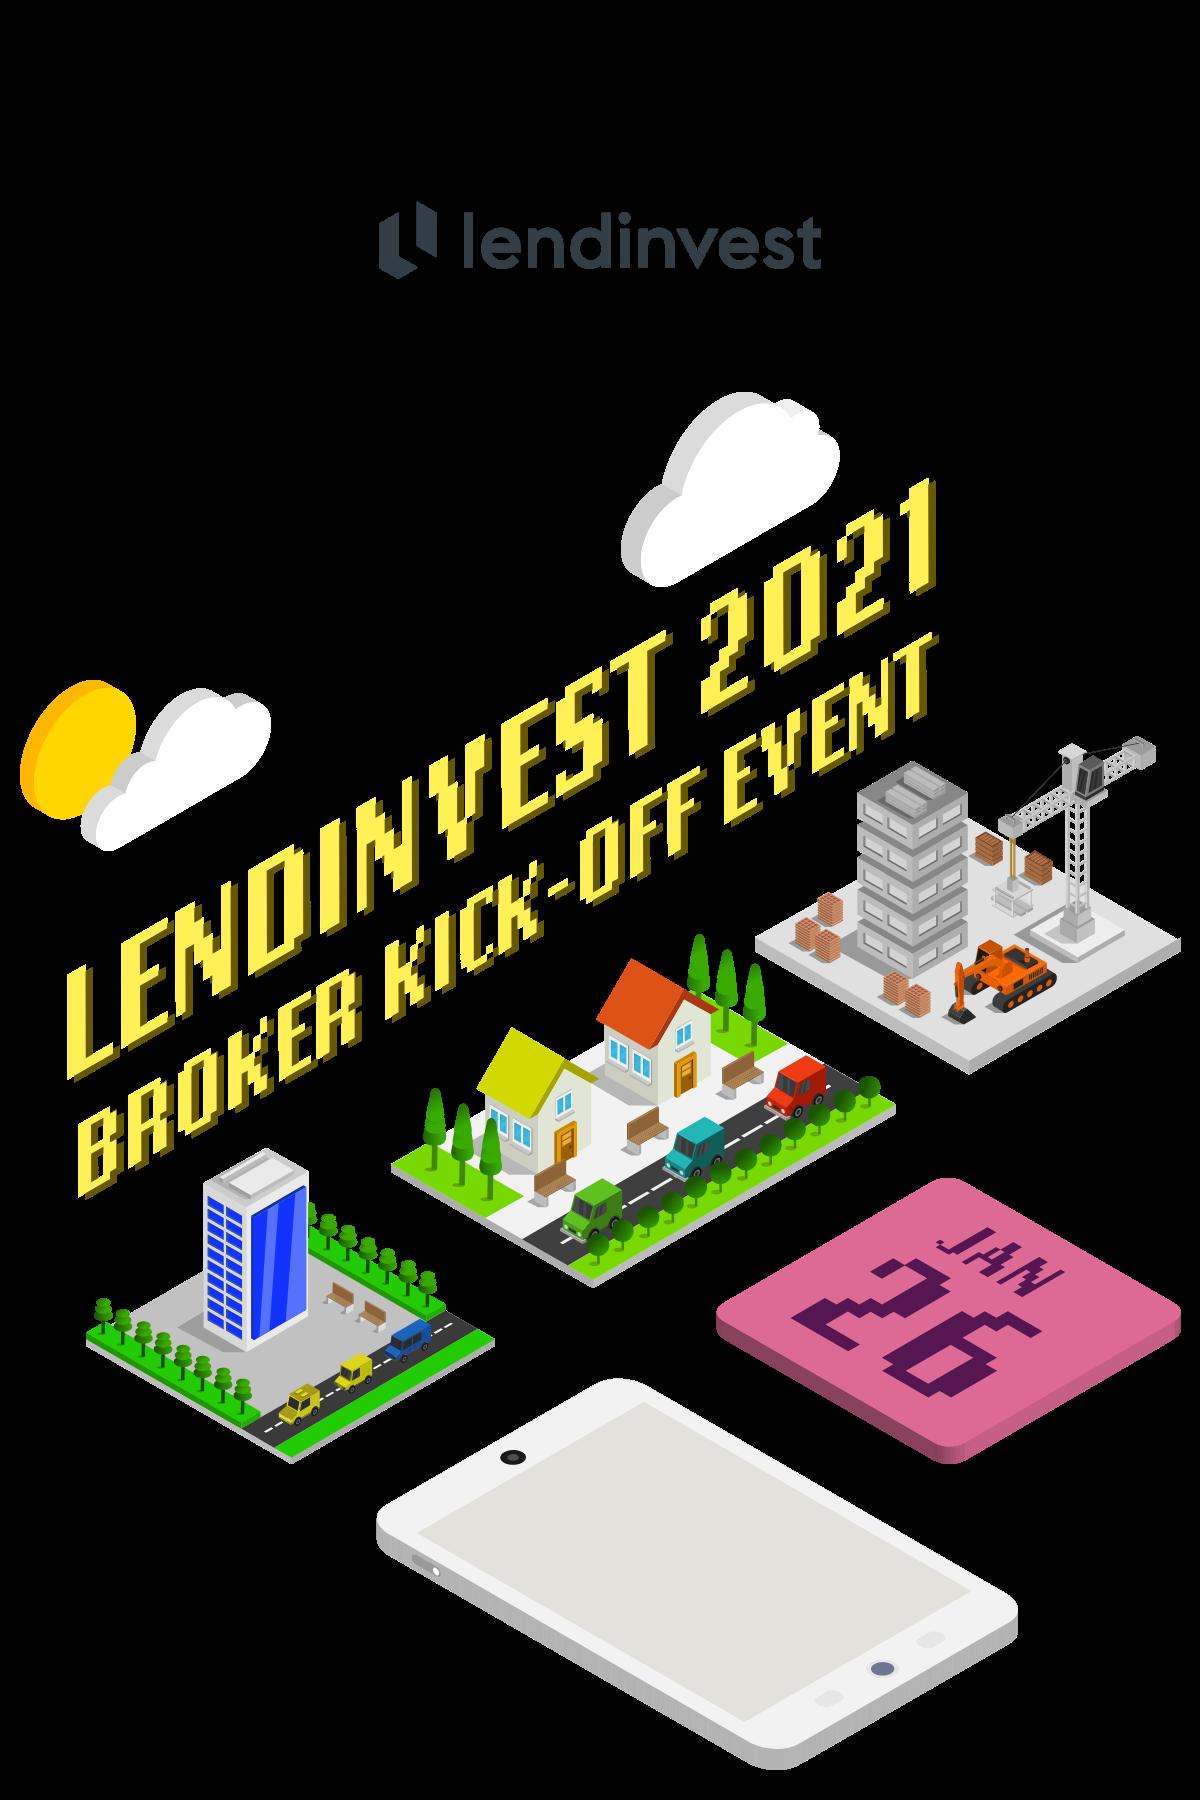 LendInvest 2021 Broker Kick Off Event